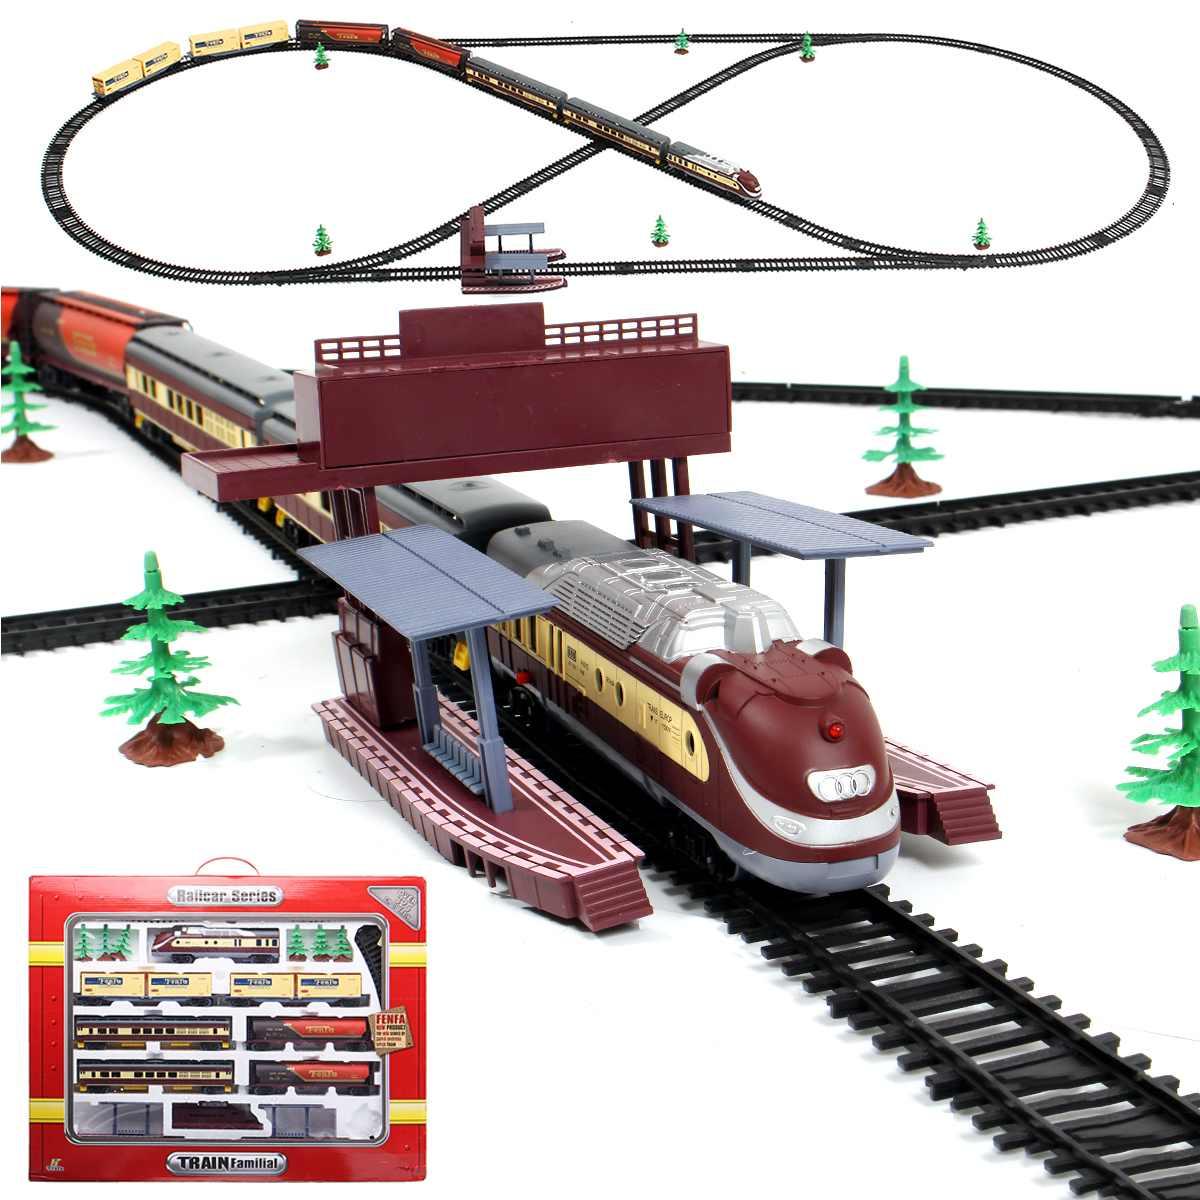 Train de course électrique voiture longue Train à vapeur 9.4 mètres train piste modèle jouet trains pour enfants camion Train de chemin de fer anniversaire